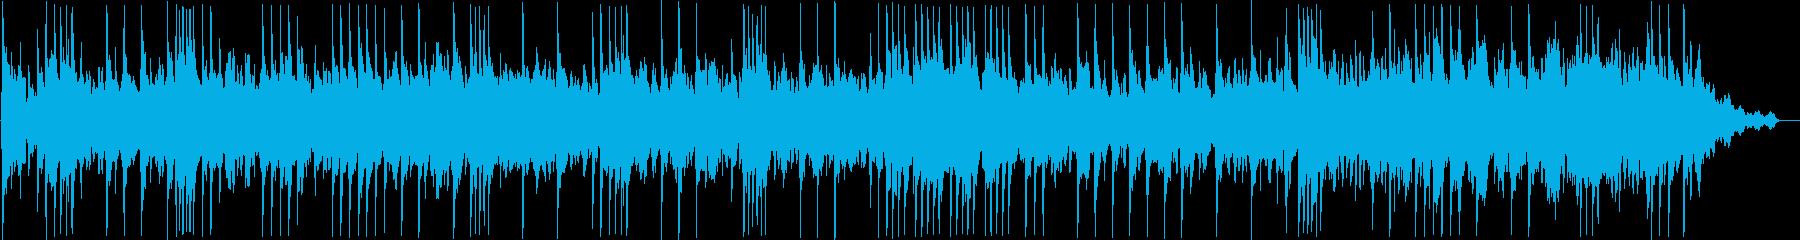 タイスの瞑想曲/マスネ(和風)の再生済みの波形